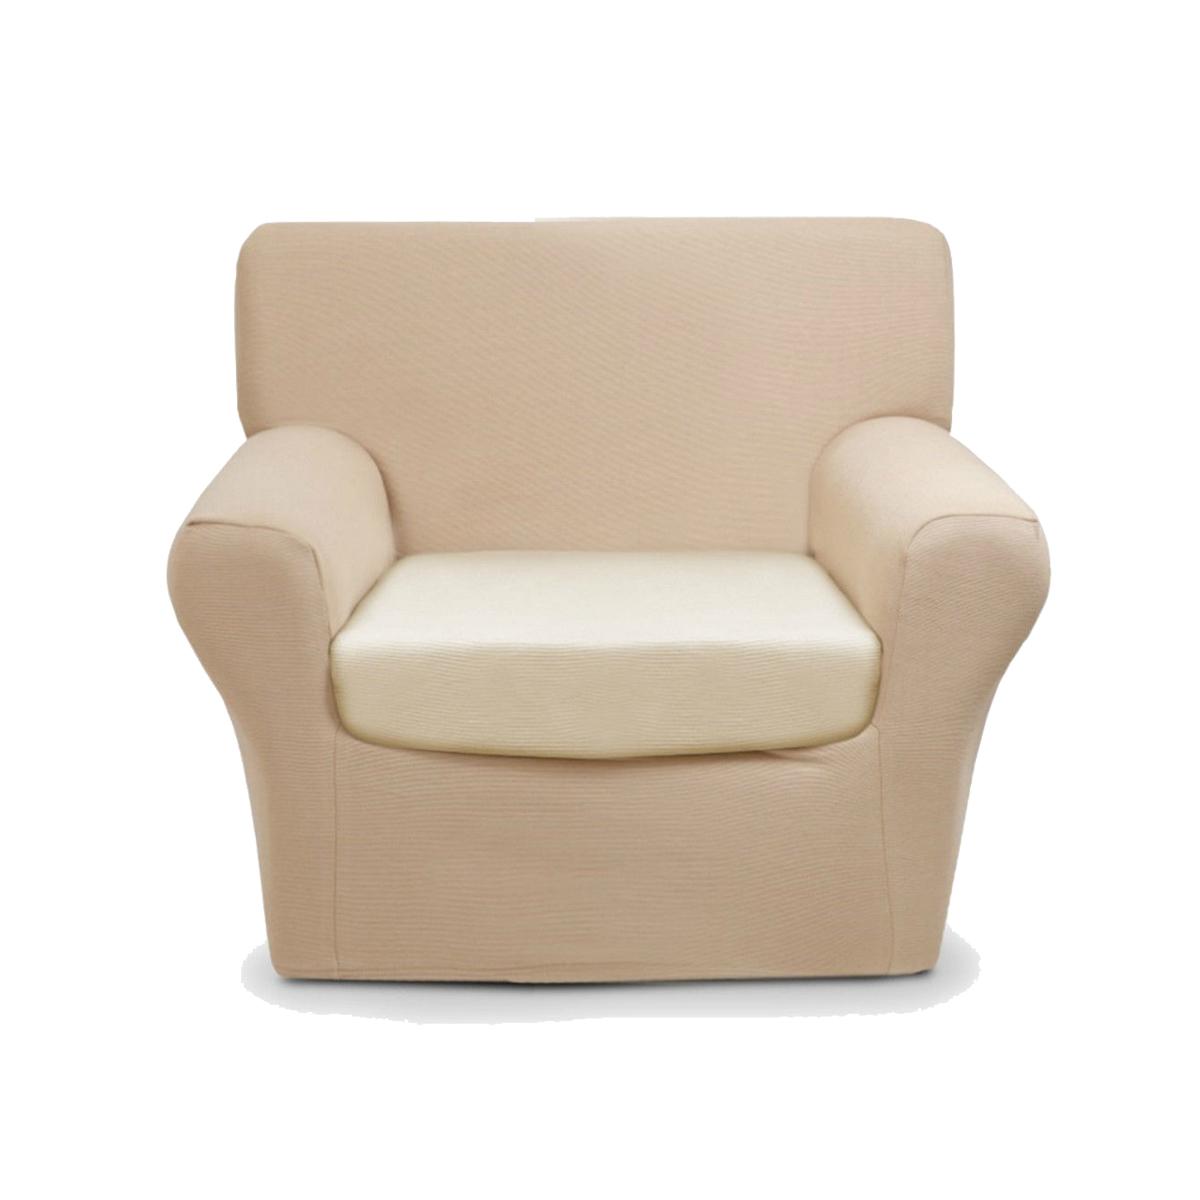 copripoltrona sof cover biancaluna da 75 a 120 cm segreti intimi. Black Bedroom Furniture Sets. Home Design Ideas